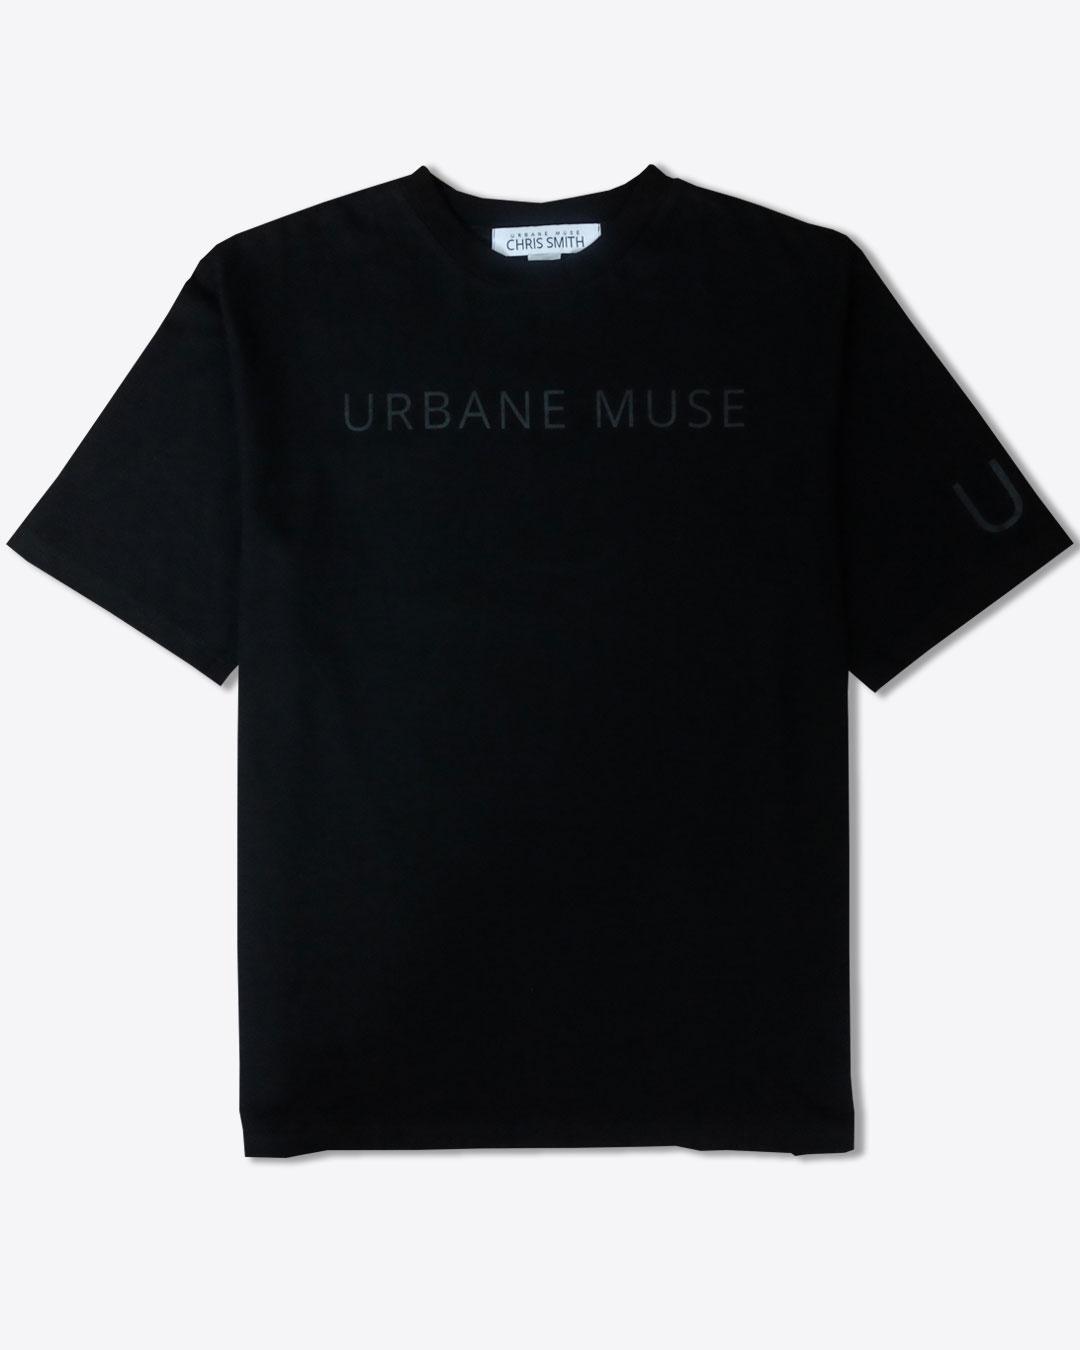 URBANE MUSE® CHRIS SMITH